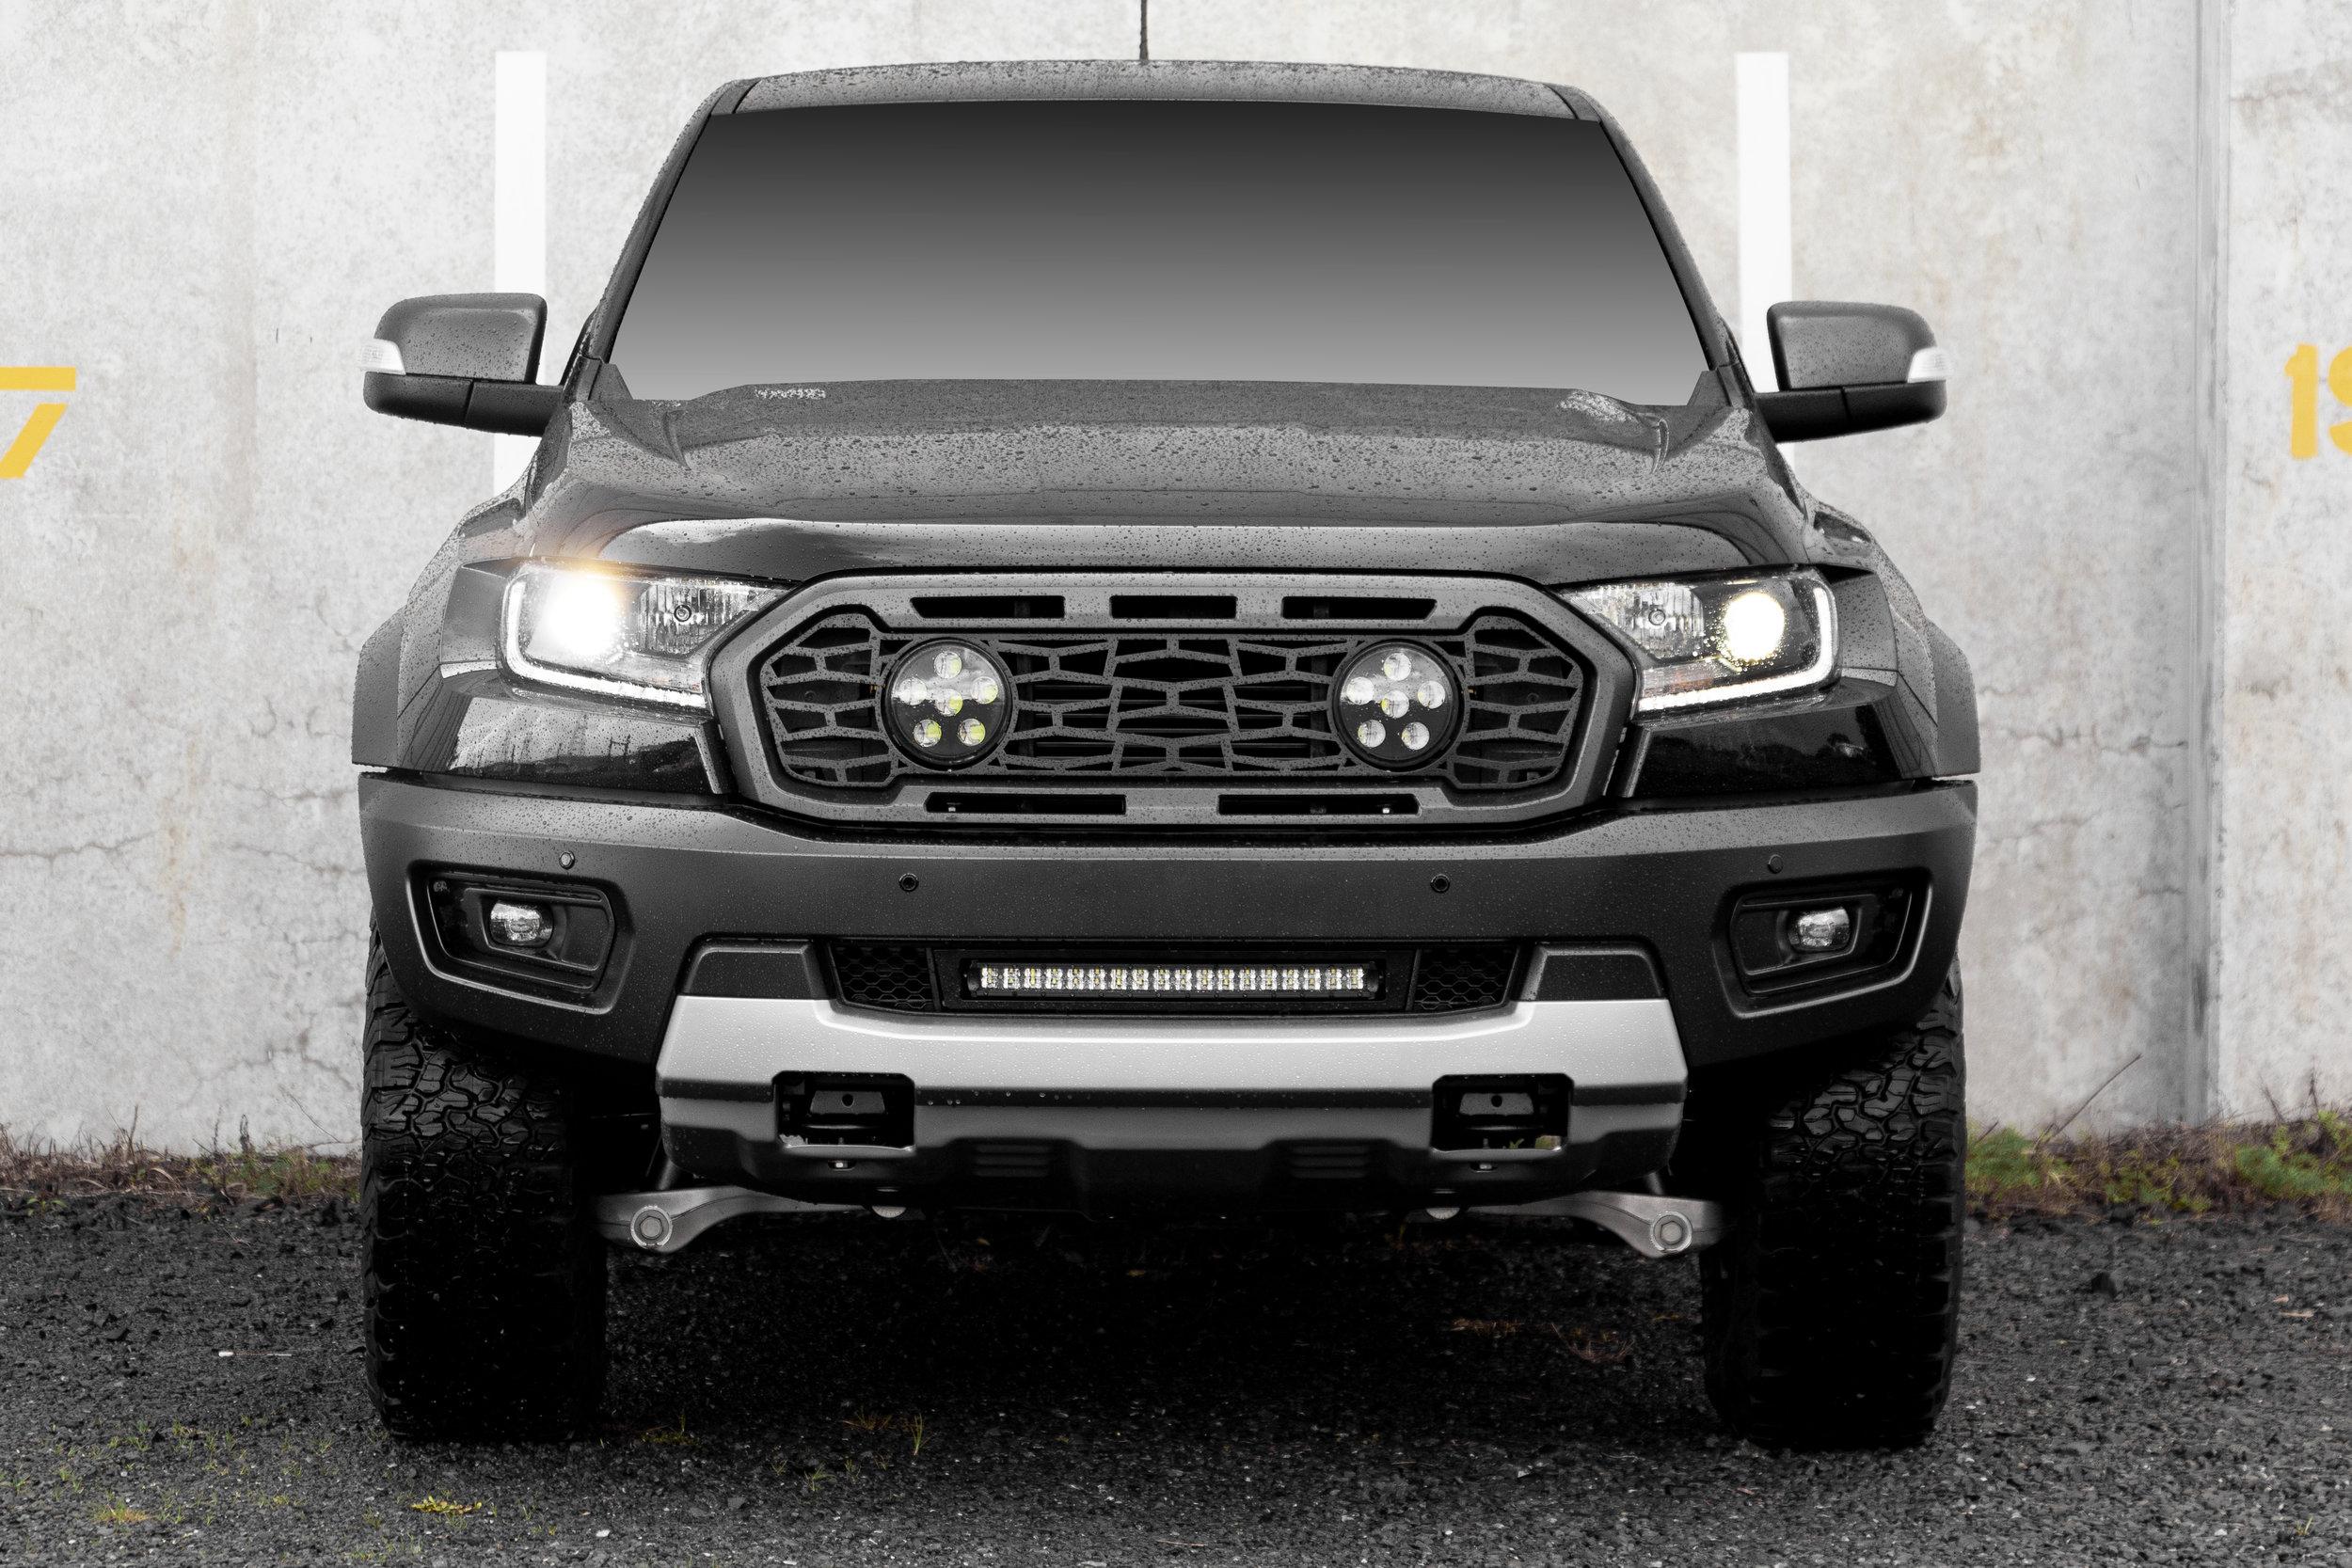 RVE-Ford-Ranger-Raptor-Grille-Mesh-Upgrade-with-Spot-Lights-2.jpg